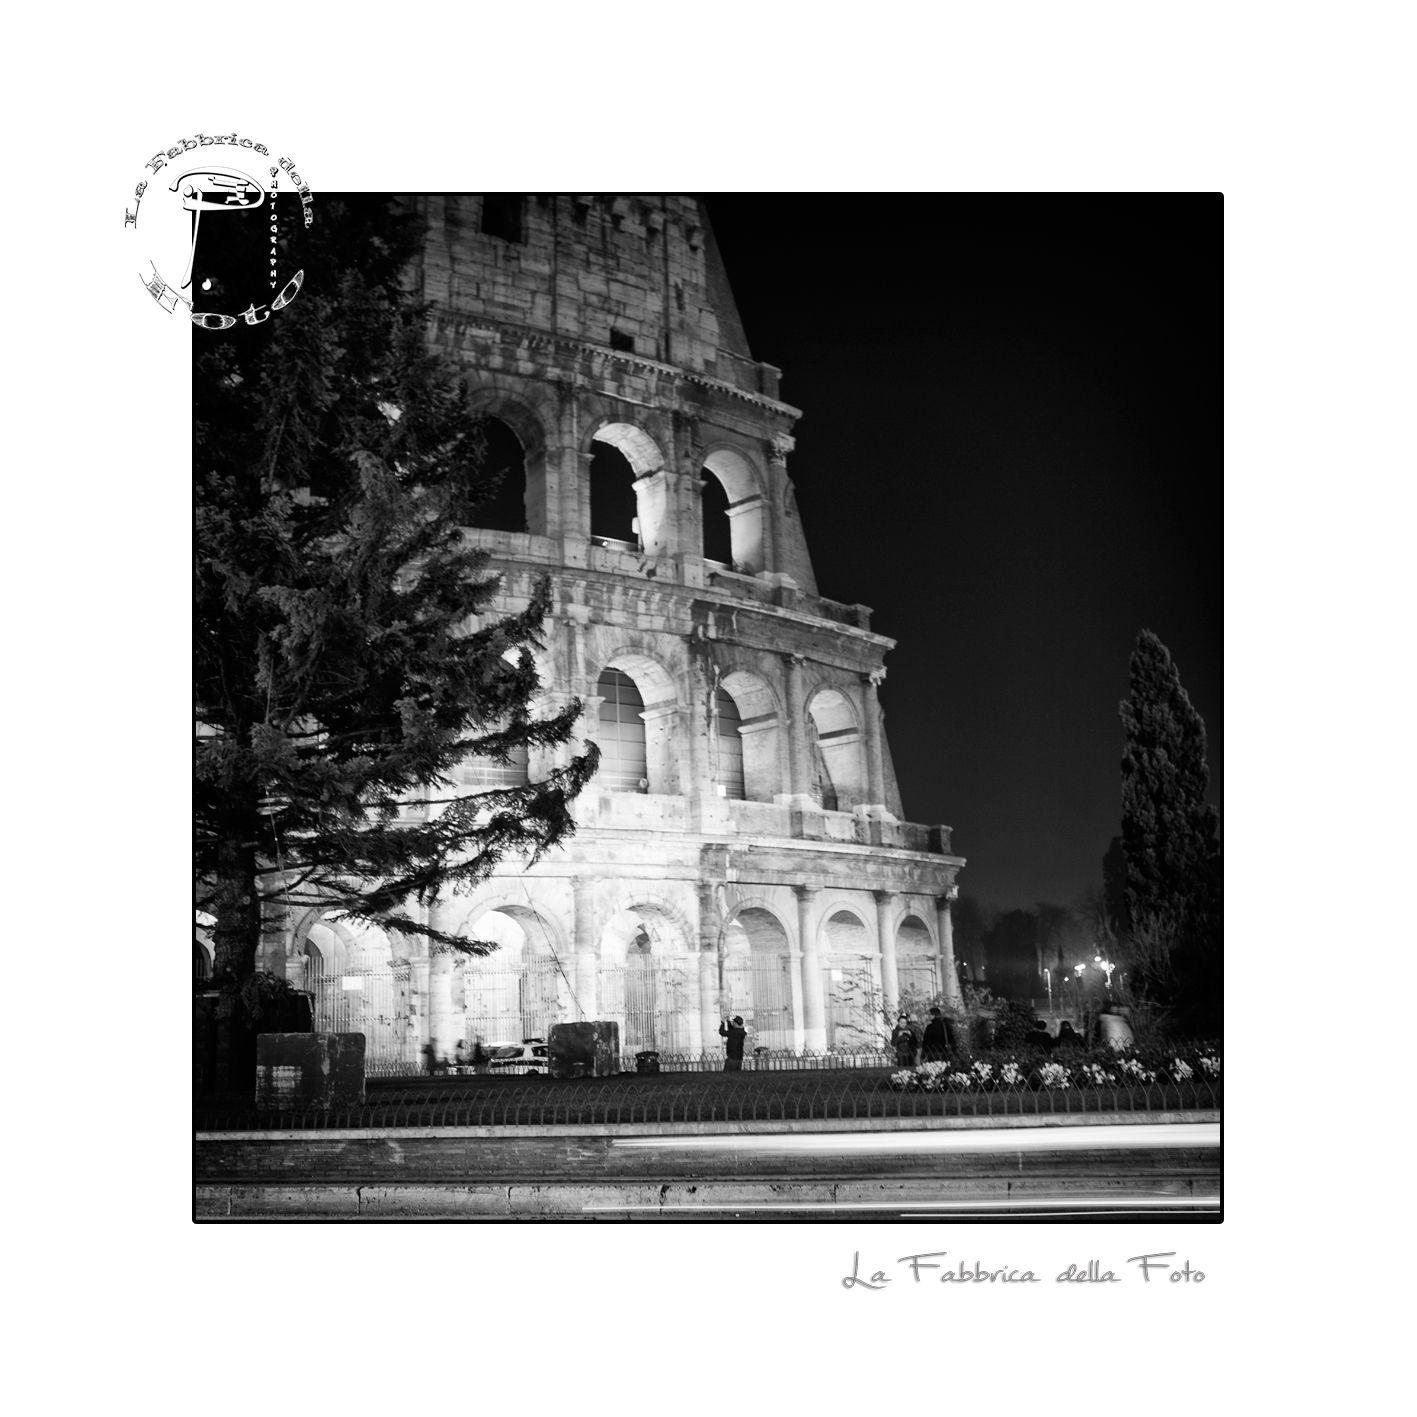 Roma - www.lafabbricadellafoto.com